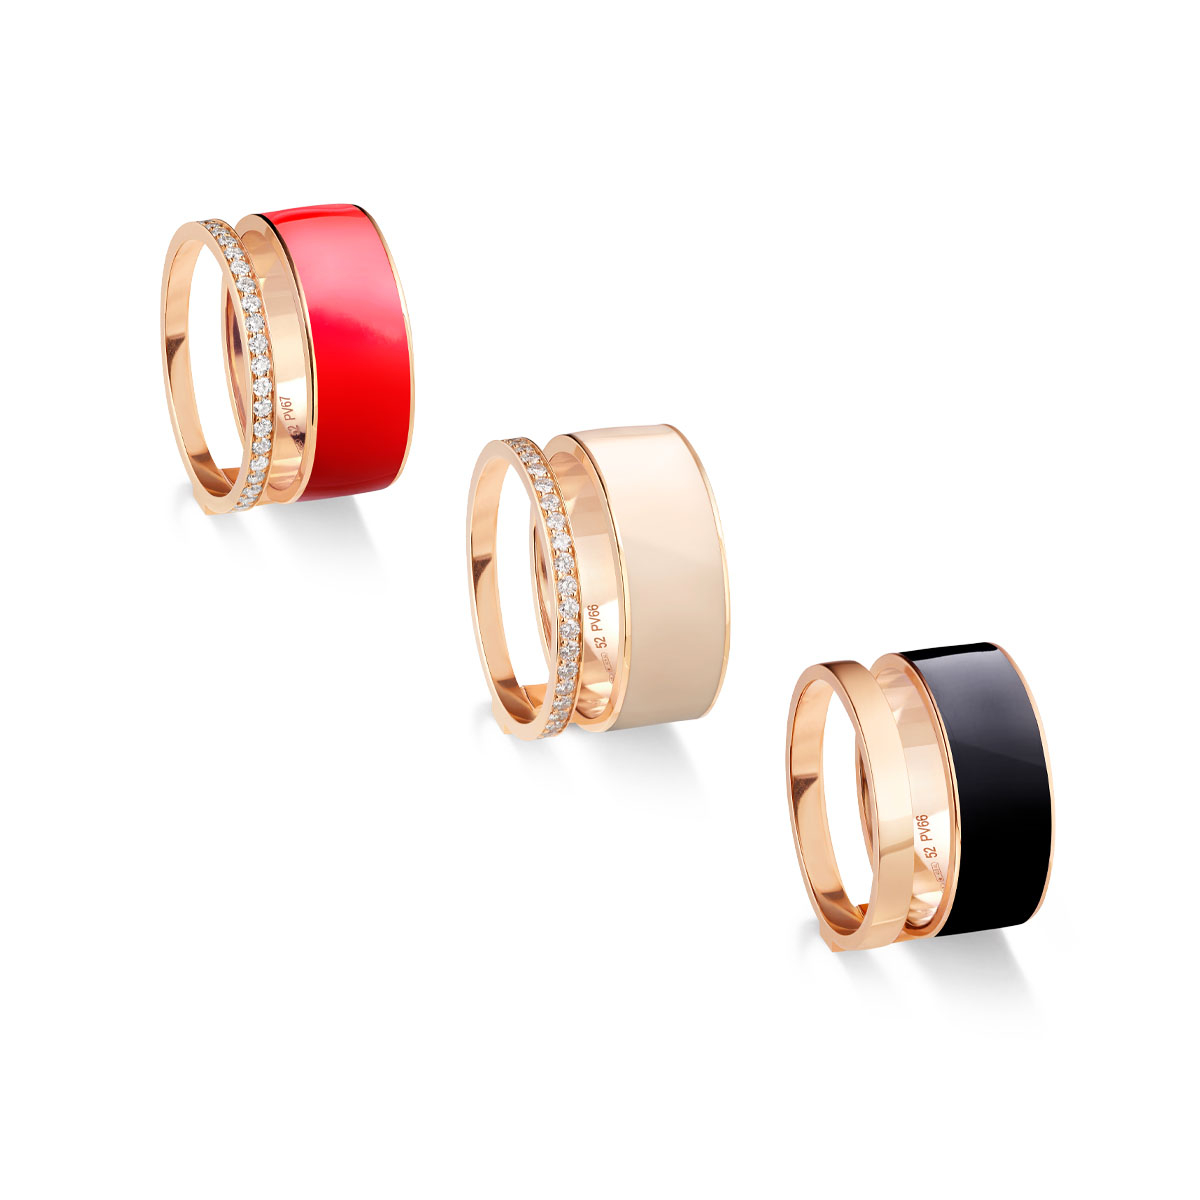 """ミニマルなデザインが特徴の """"ベルベル"""" リング。(左、中央)〈18KPG、ラッカー、ダイヤモンド〉、(右)¥399,000〈18KPG、ラッカー〉¥237,000"""